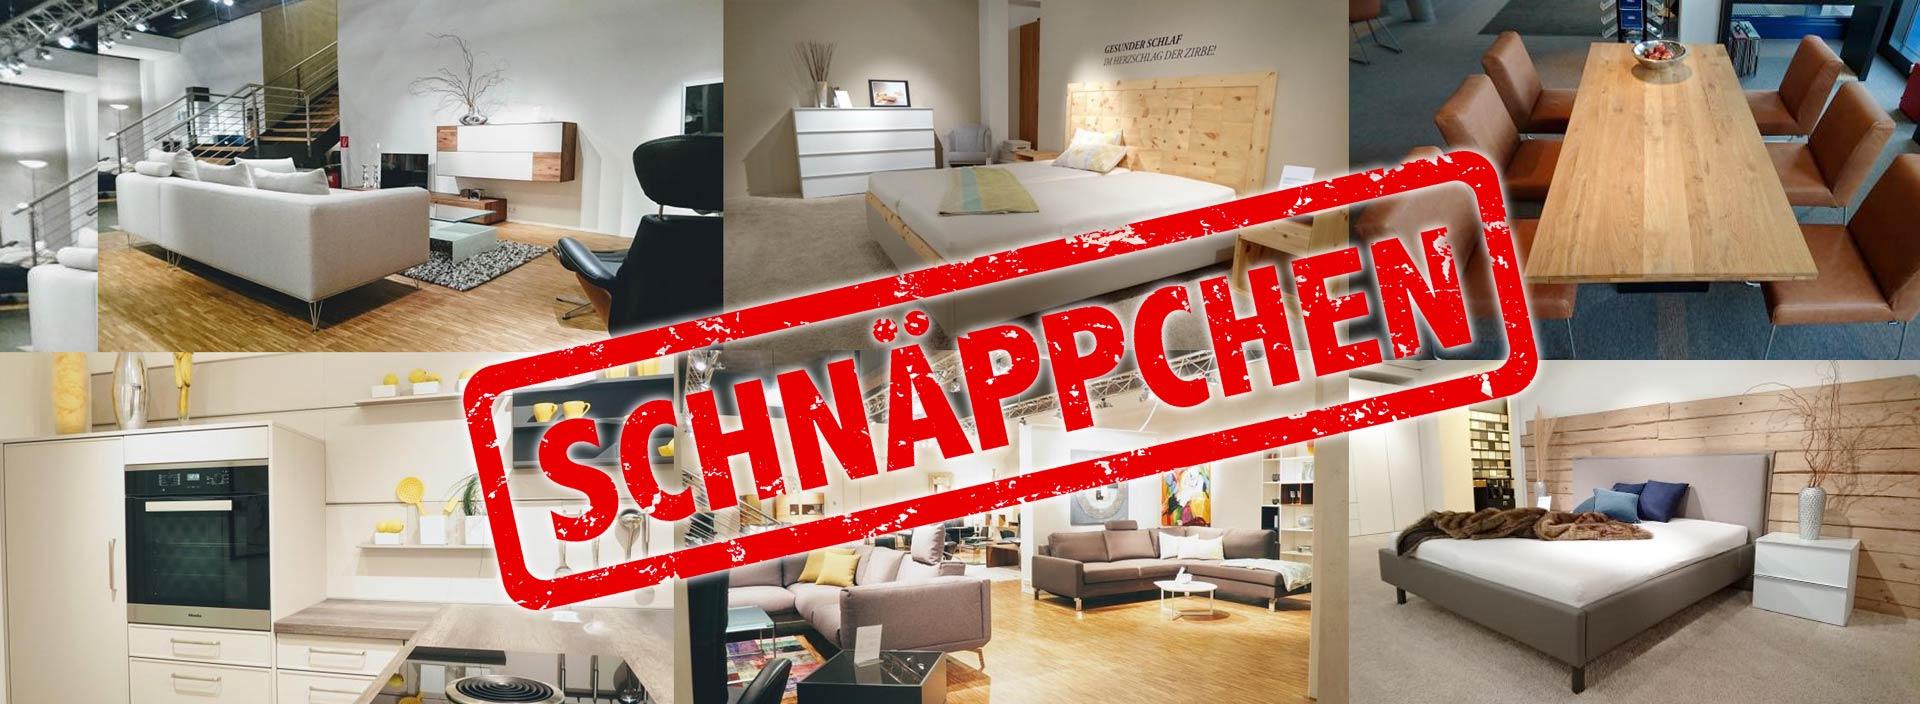 angebote ausstellungsm bel und k chen im raum landshut straubing dingolfing deggendorf. Black Bedroom Furniture Sets. Home Design Ideas